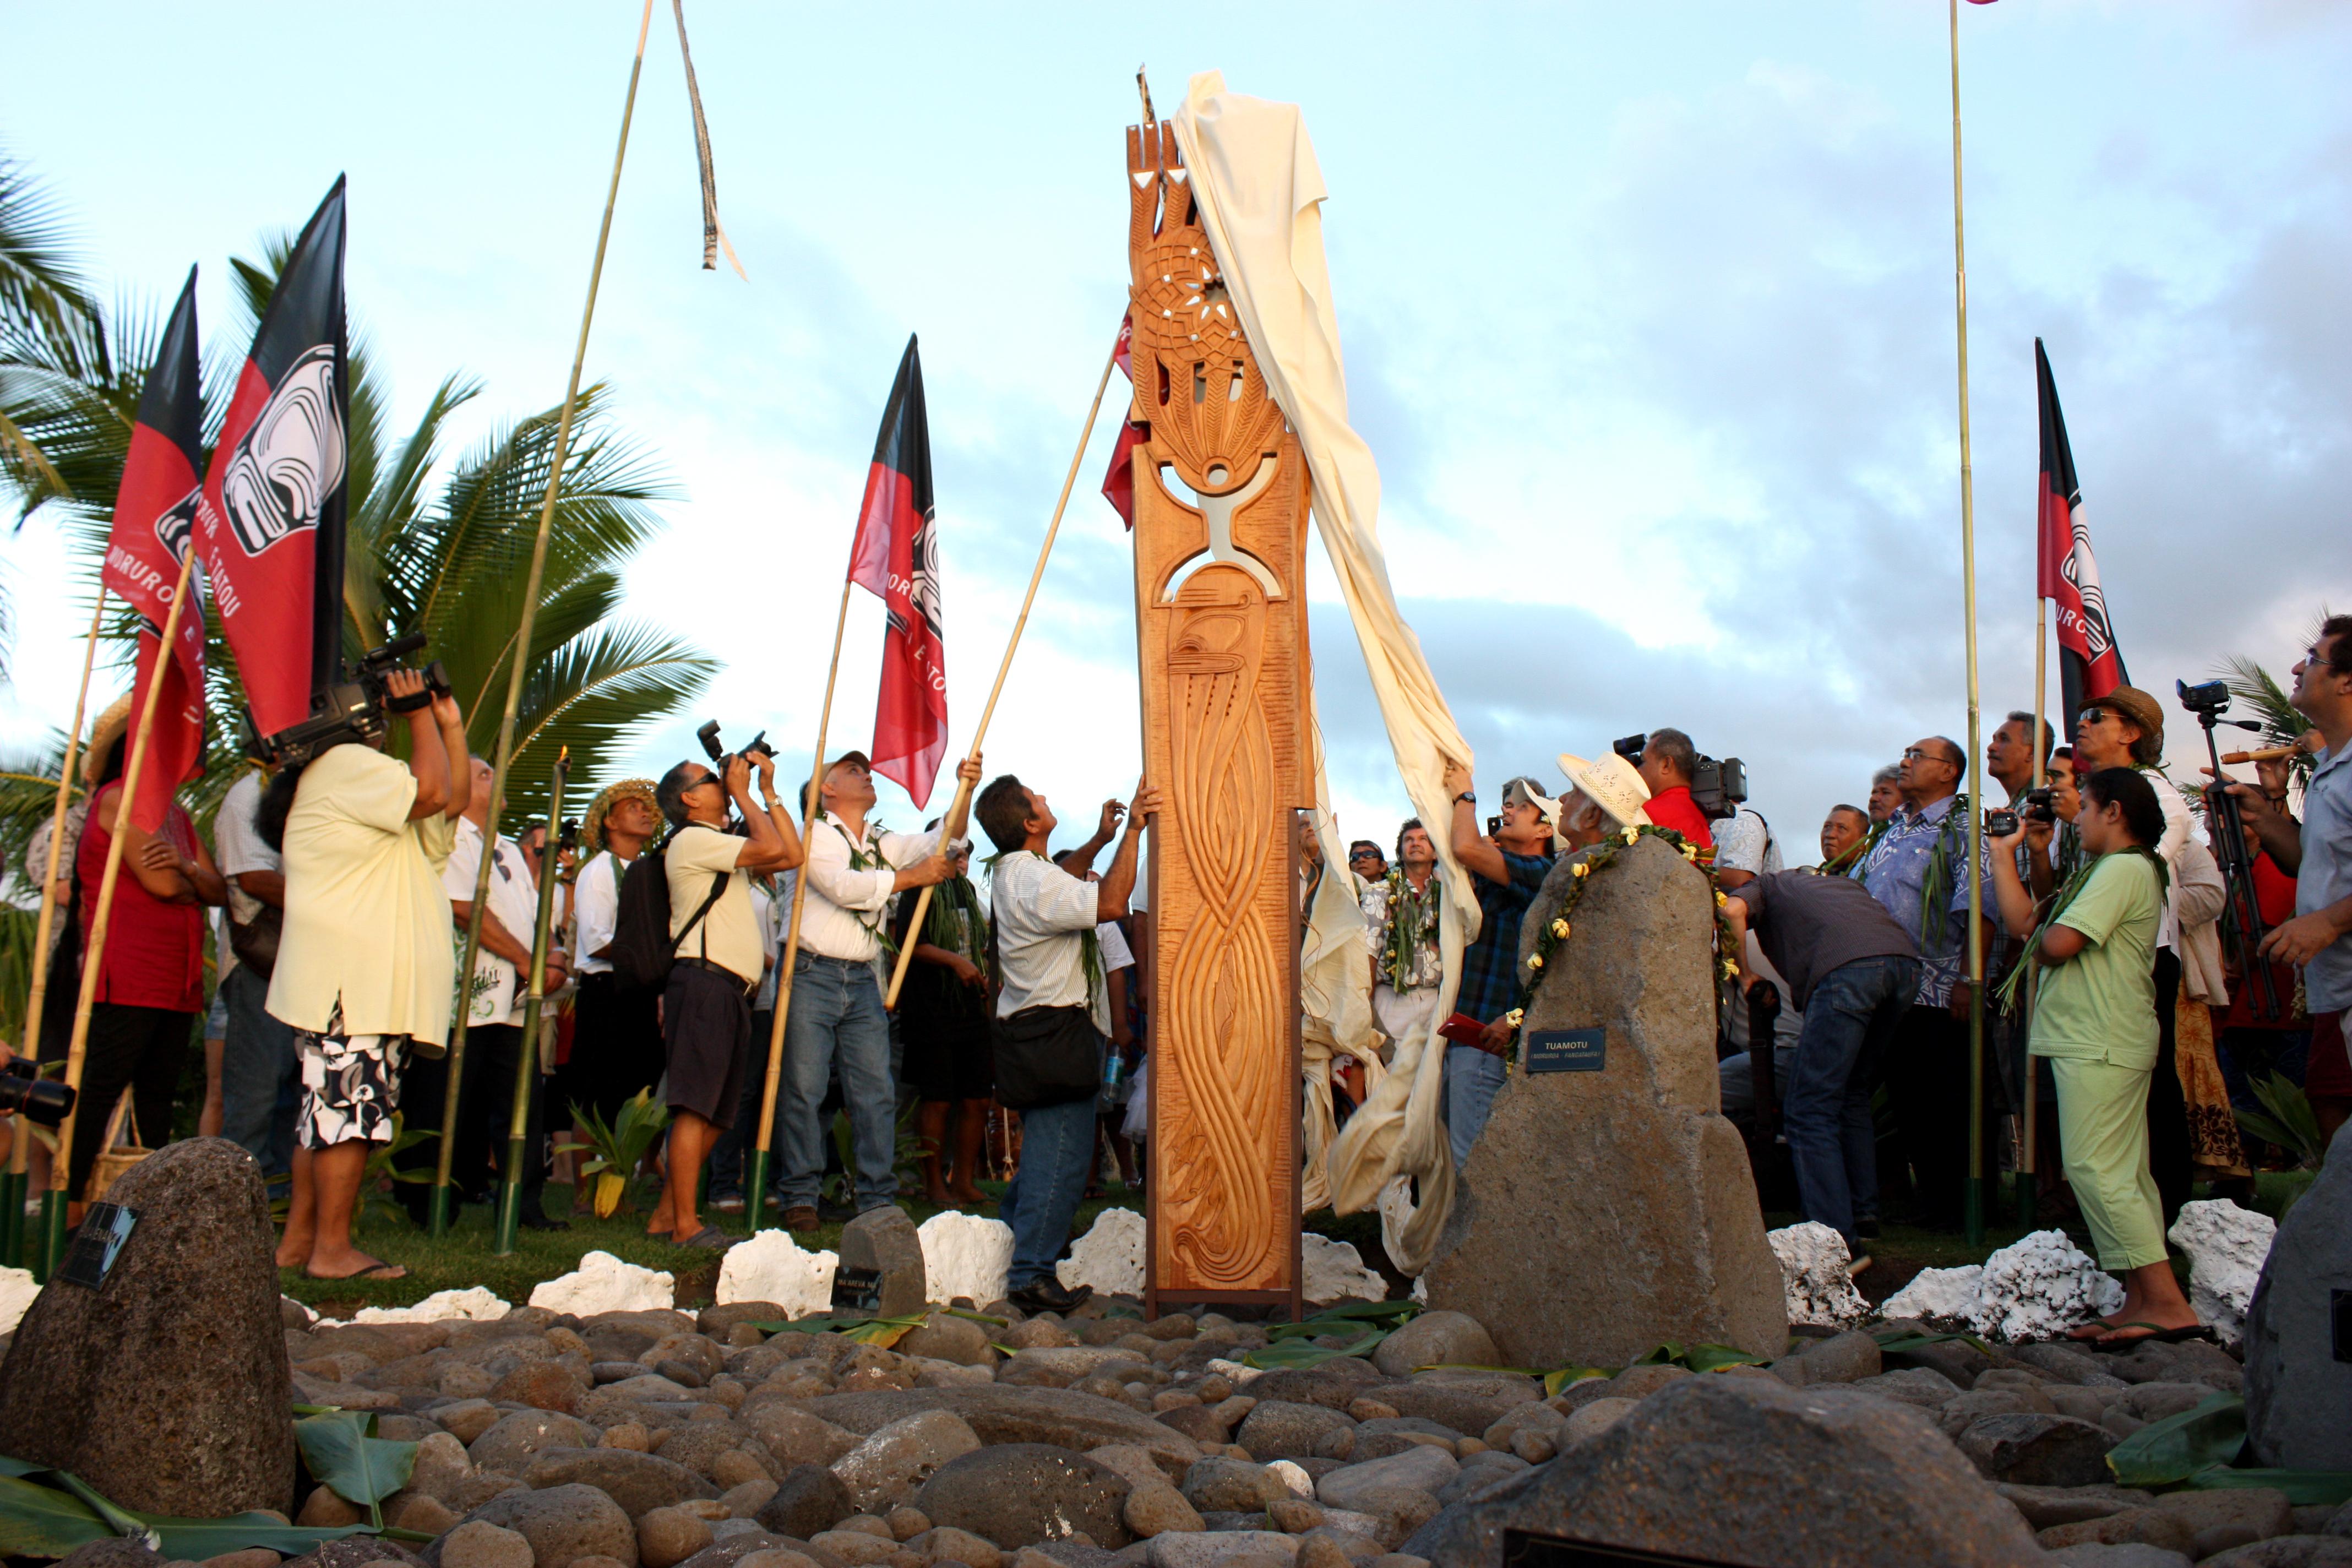 Un lieu de mémoire aux victimes des essais est inauguré le 2 juillet 2012. Il se situe à Papeete, sur la Place Jacques Chirac, rebaptisée pour l'occasion, Place du 2 Juillet 1966 ©TF